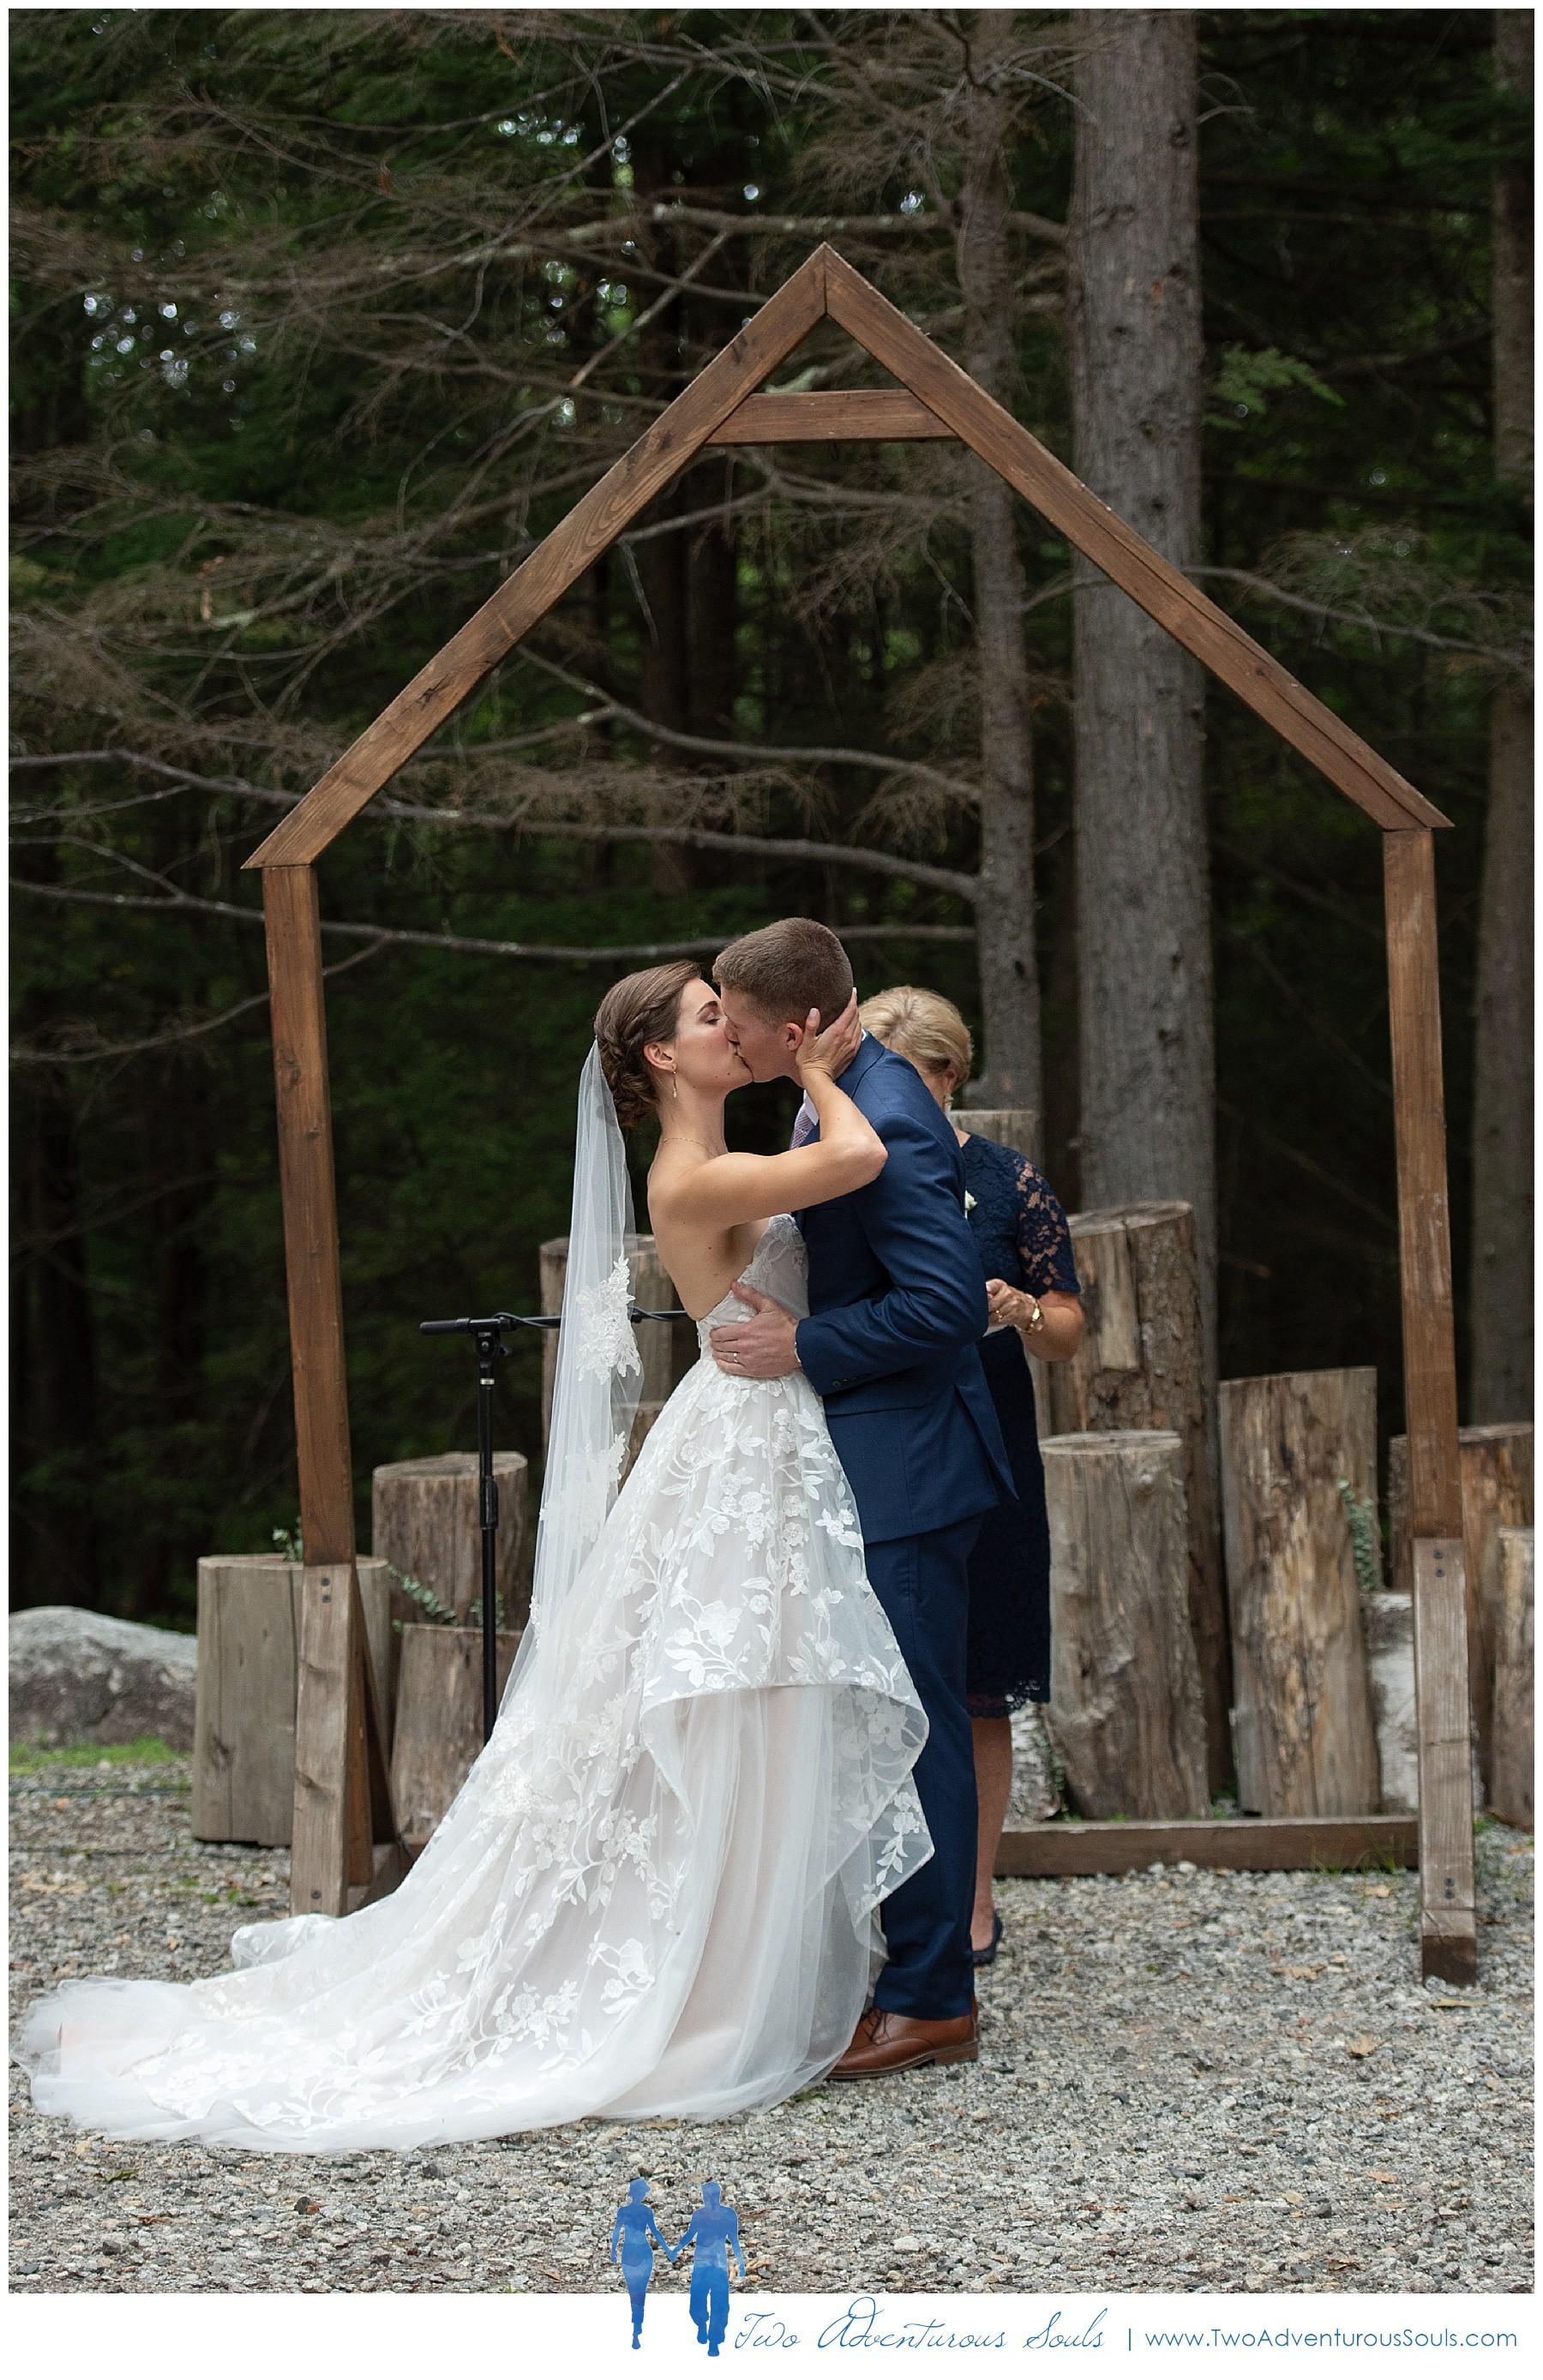 Maine Wedding Photographers, Granite Ridge Estate Wedding Photographers, Two Adventurous Souls - 080319_0043.jpg